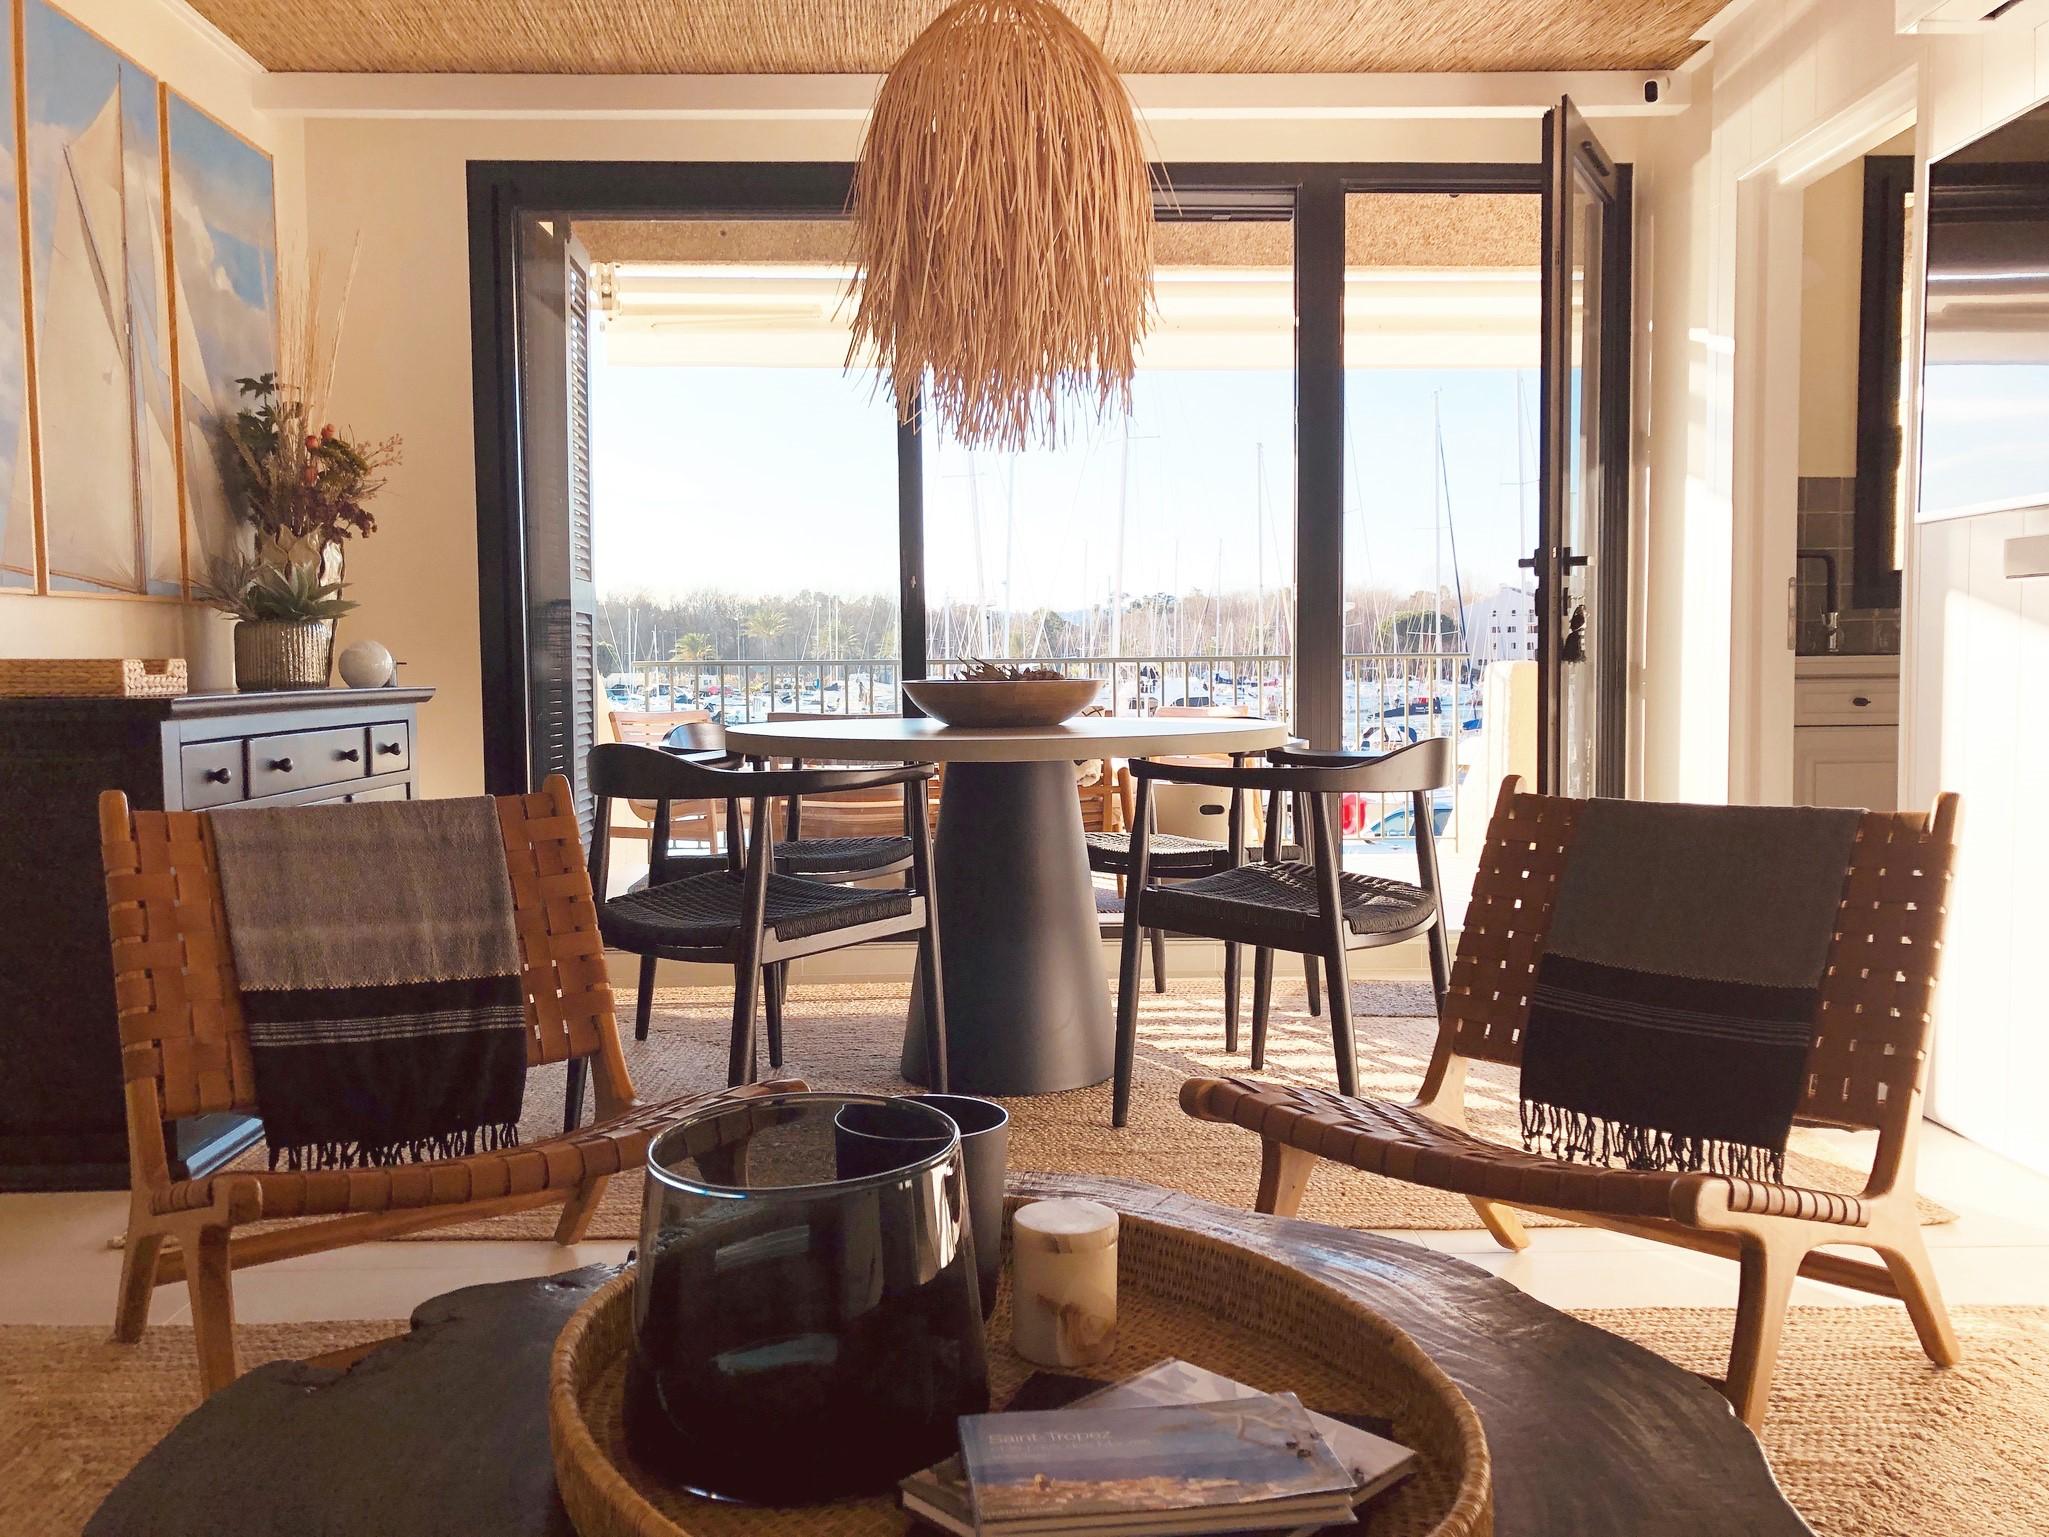 Philosophie_Loft75 design et architecture d'intérieur Paris Saint-Cloud Fontainebleau Saint-Tropez